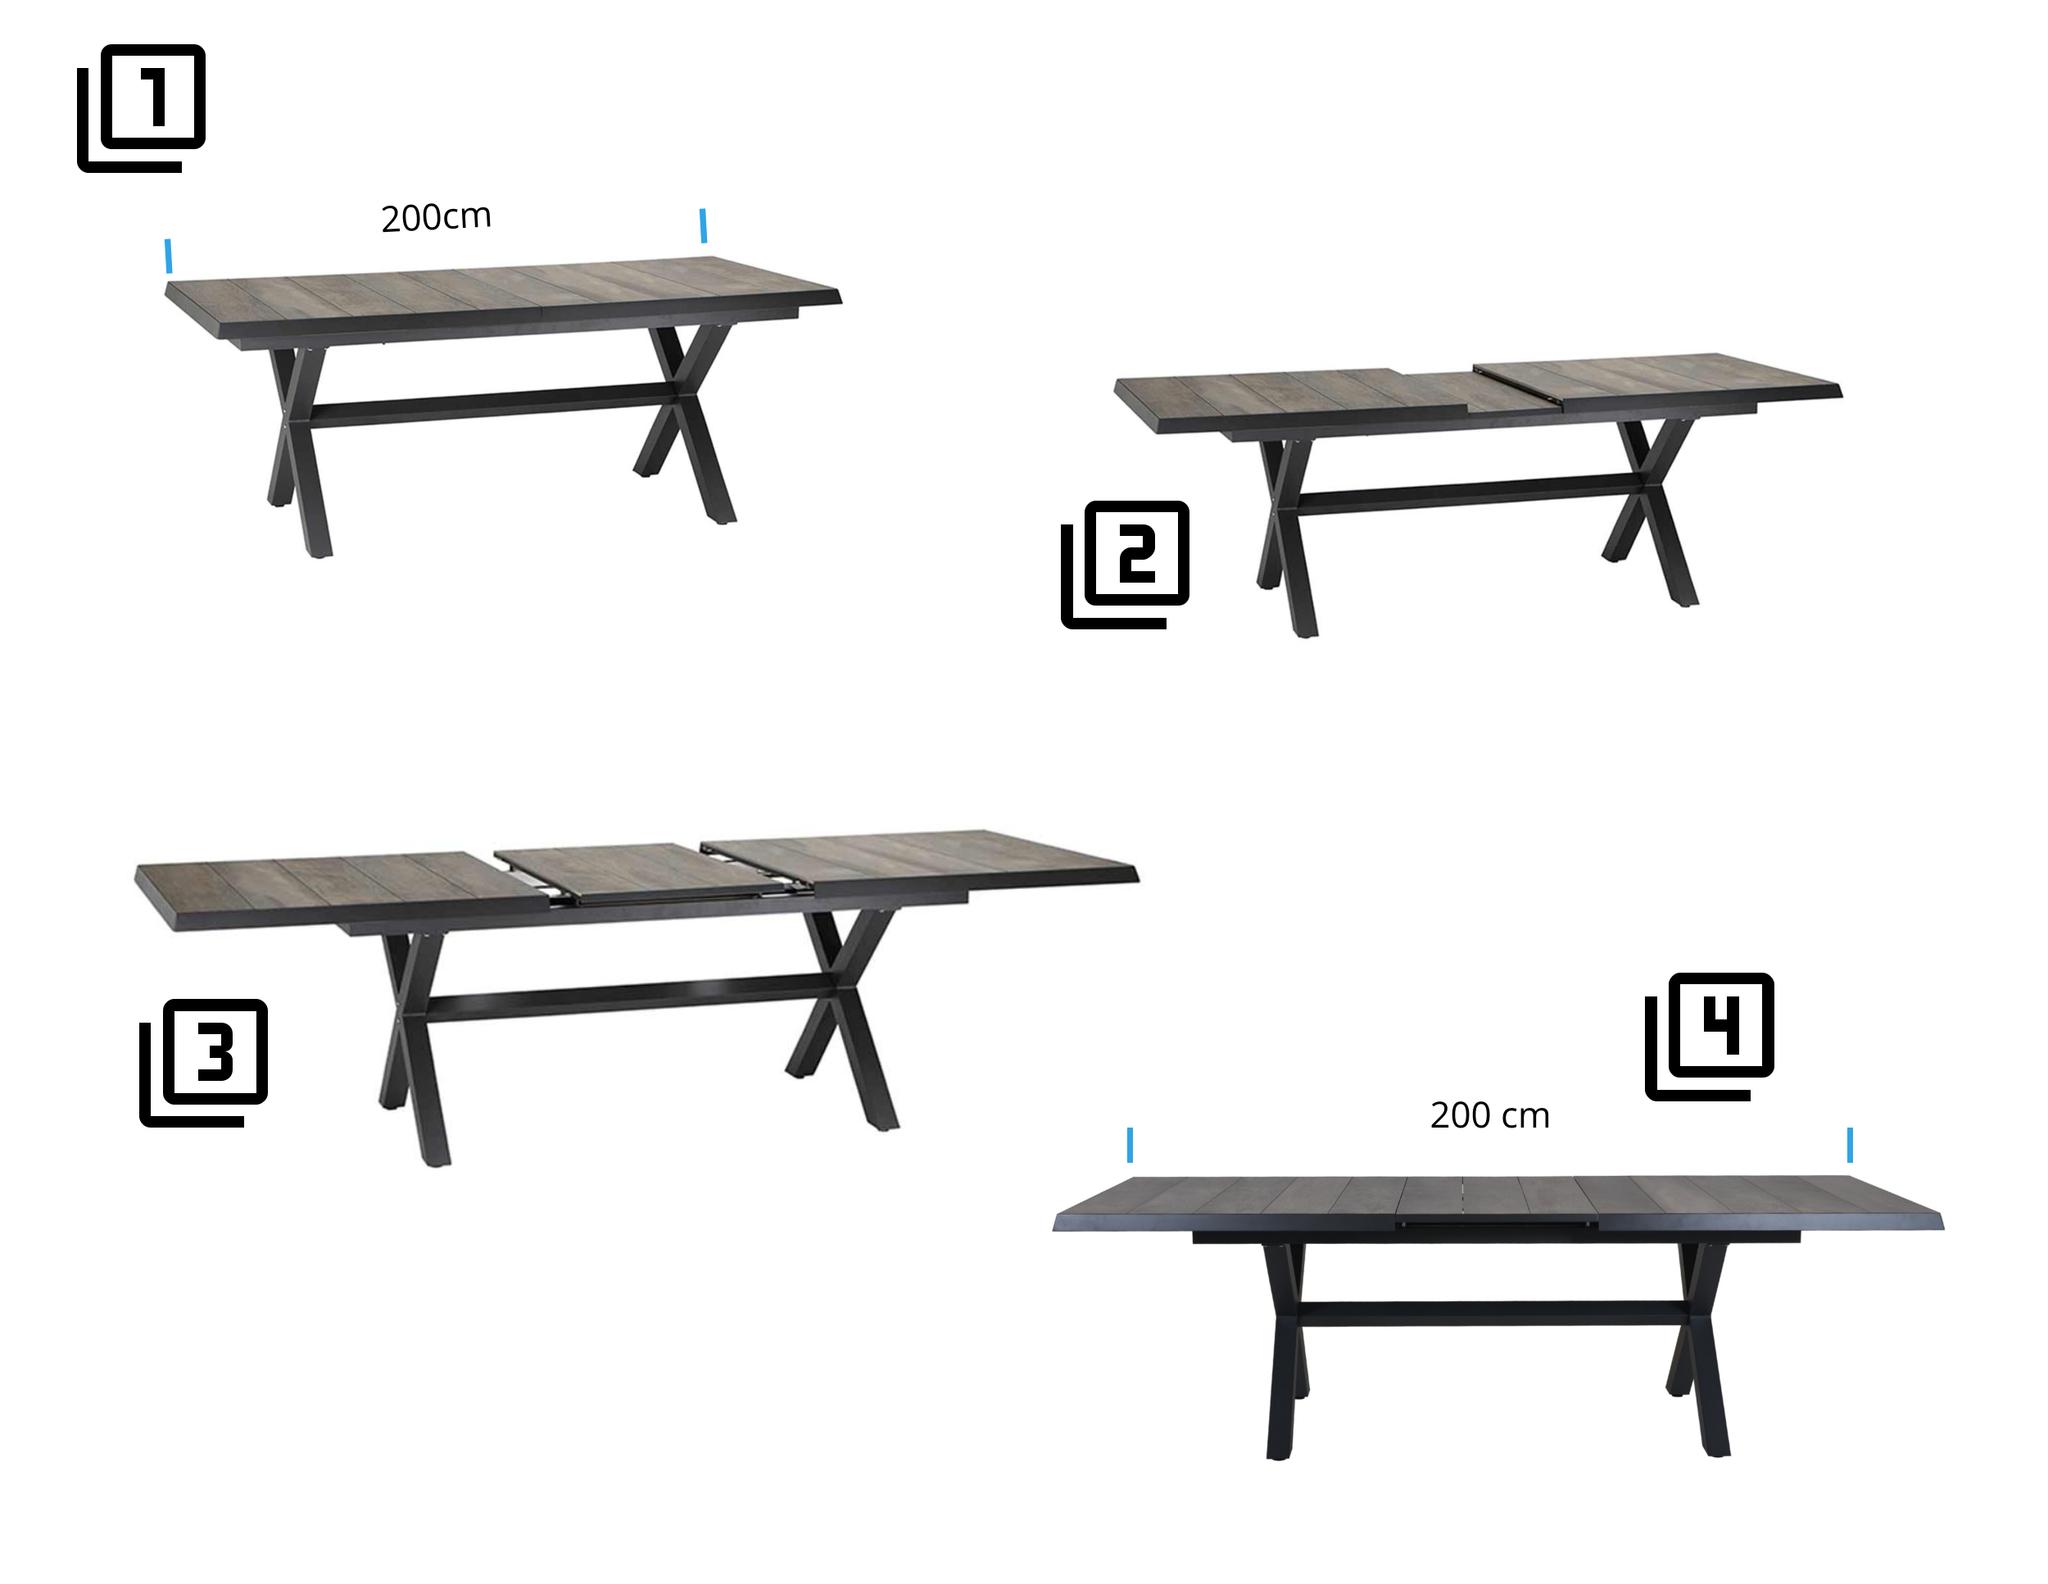 Full Size of Siena Sincro Tisch Online Gnstig Kaufen Disco Mbel Wohnzimmer Siena Sincro